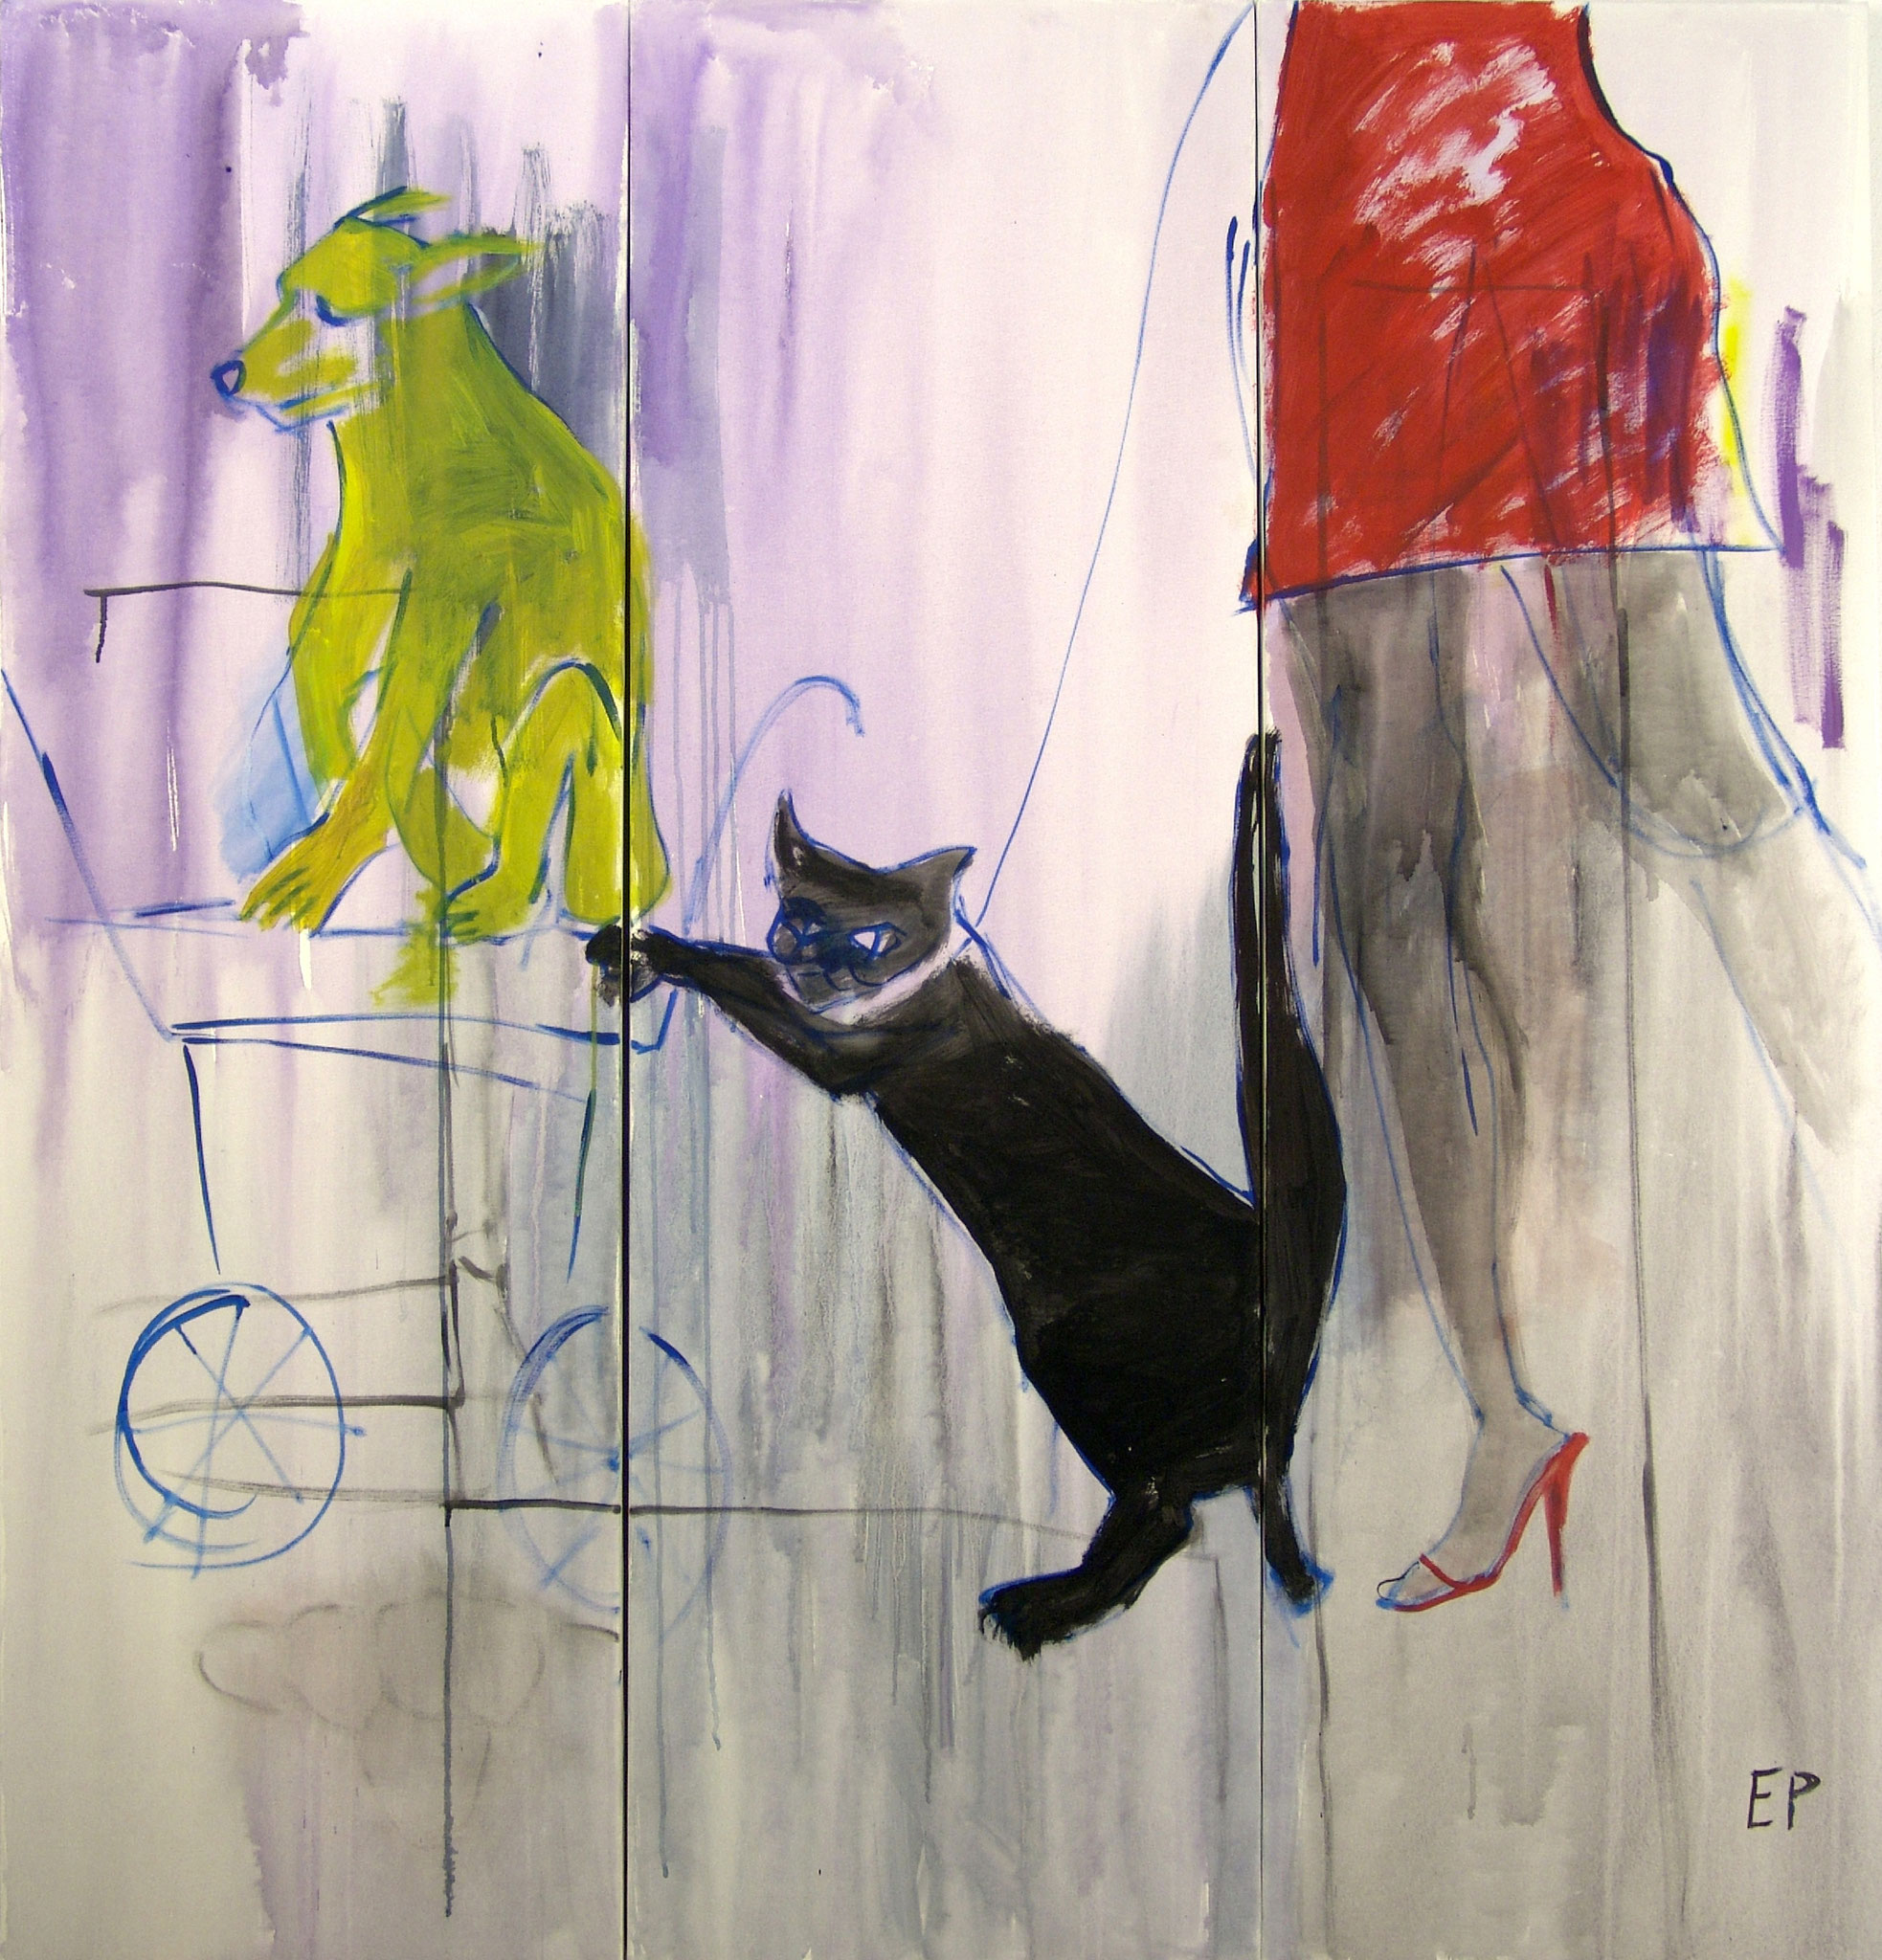 Serie Ketz, Mimi geht spazieren (Triptychon), Malerei, 3 x 160 x  50 cm, 2010